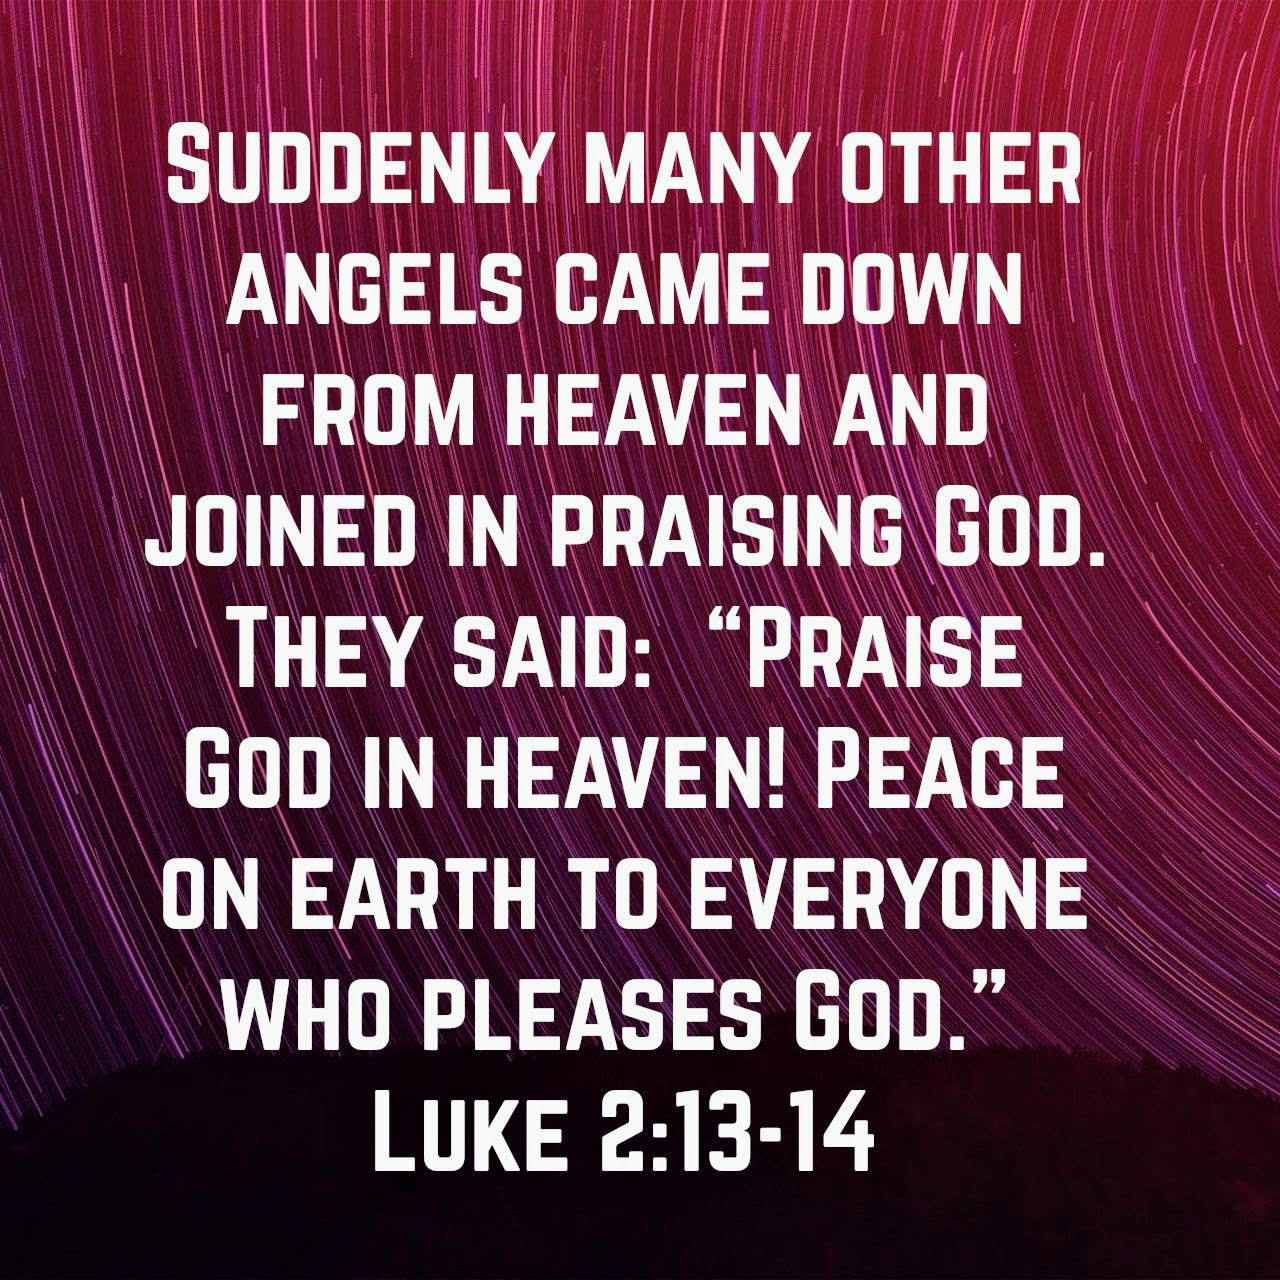 Luke 2:13-14